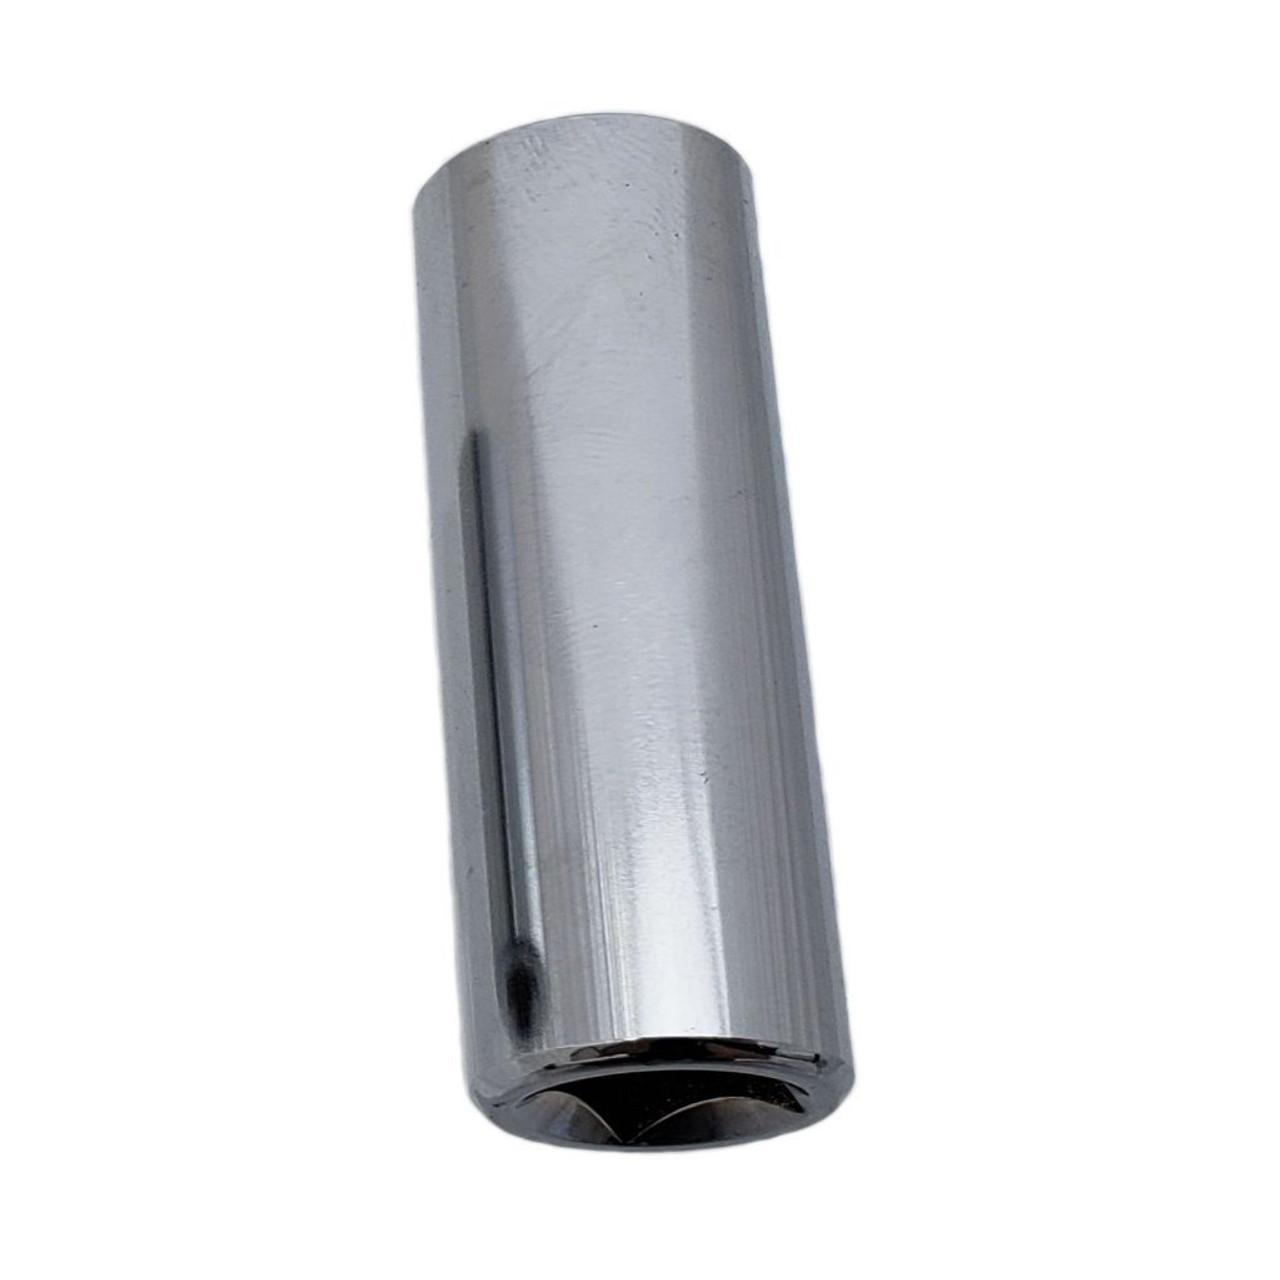 Octagon Port Socket Low Side